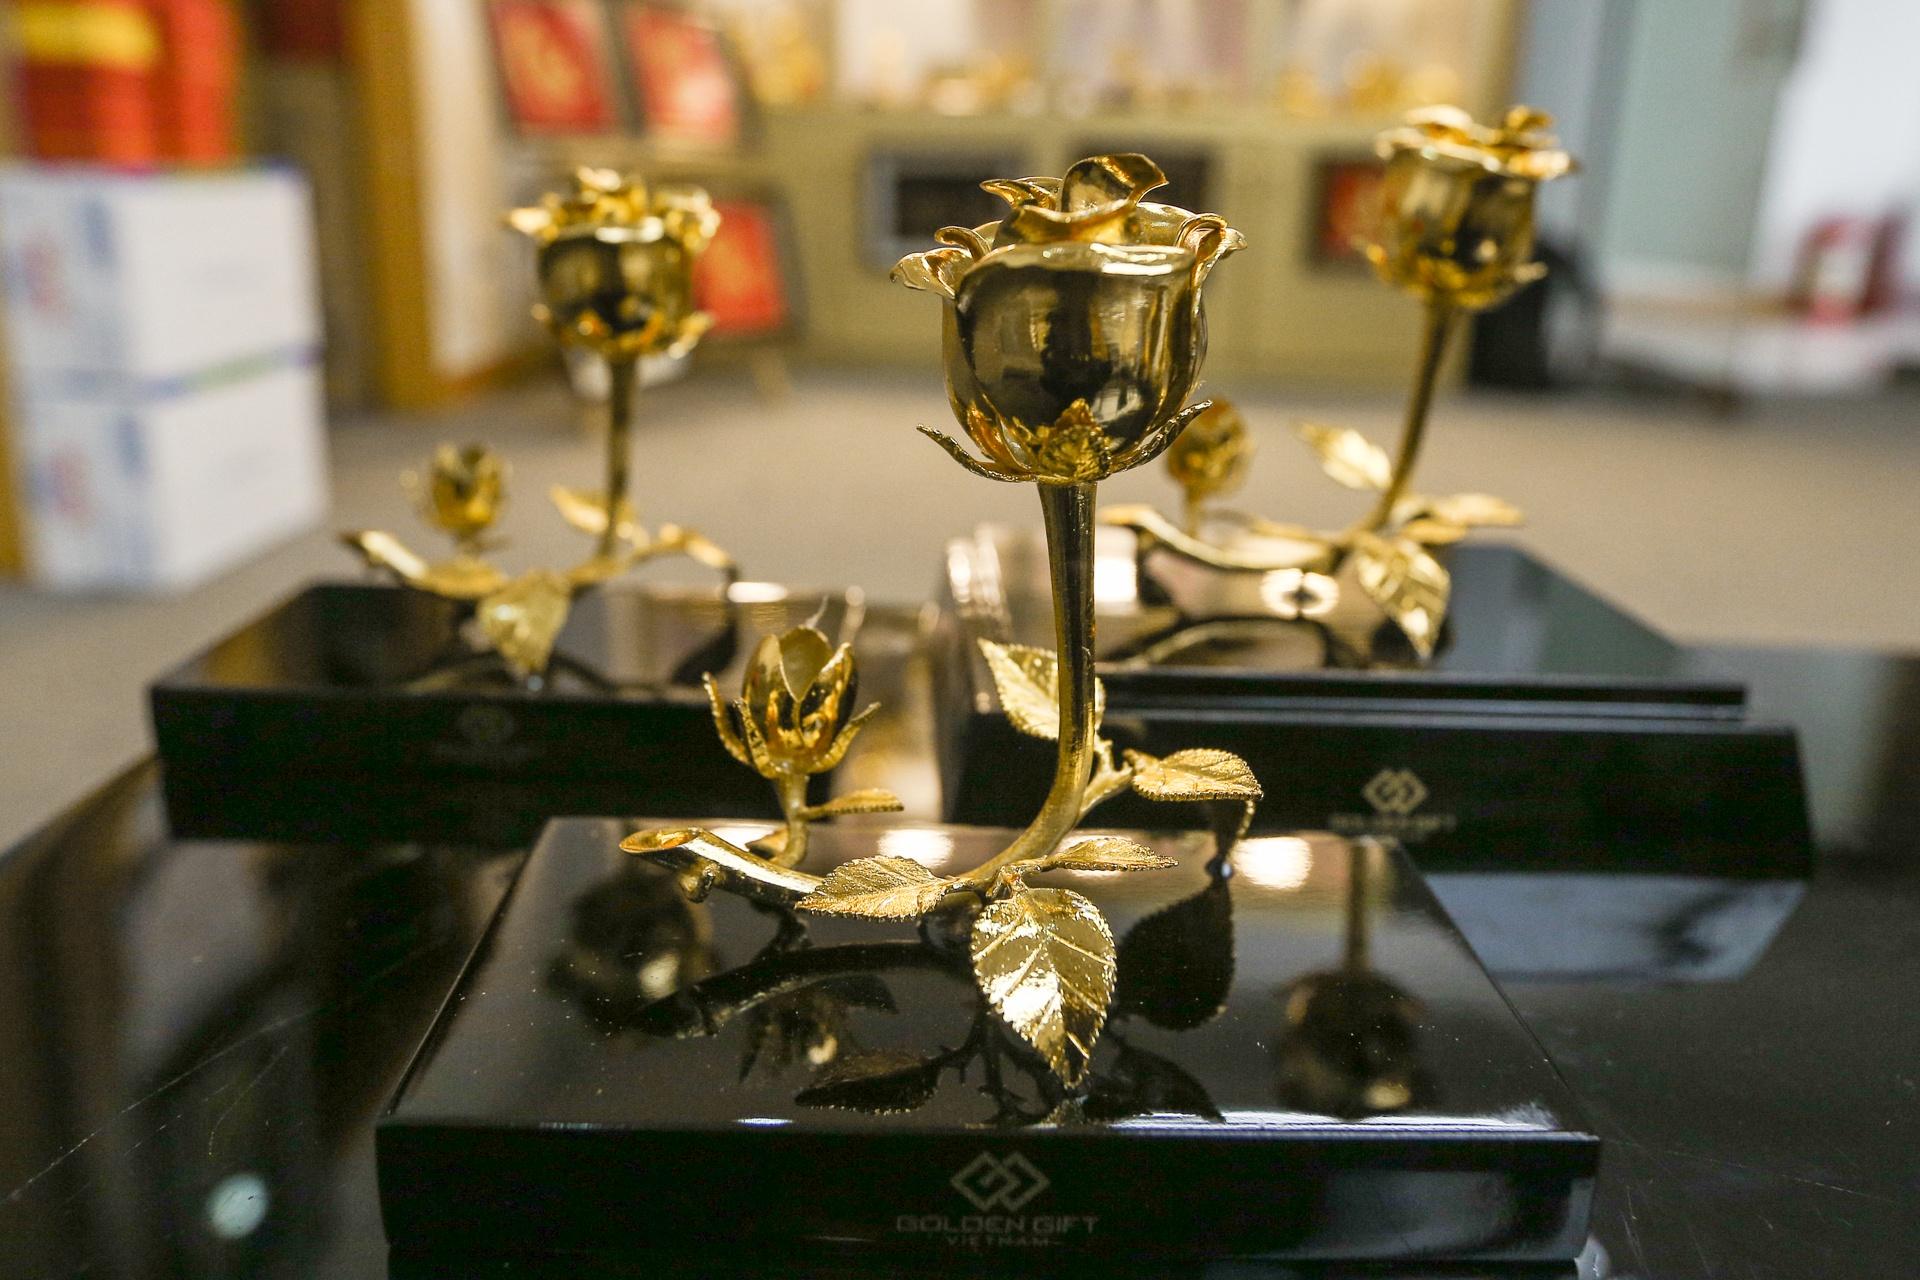 Hoa mạ vàng tiền triệu ngập tràn thị trường quà tặng ngày 8/3 - Ảnh 2.